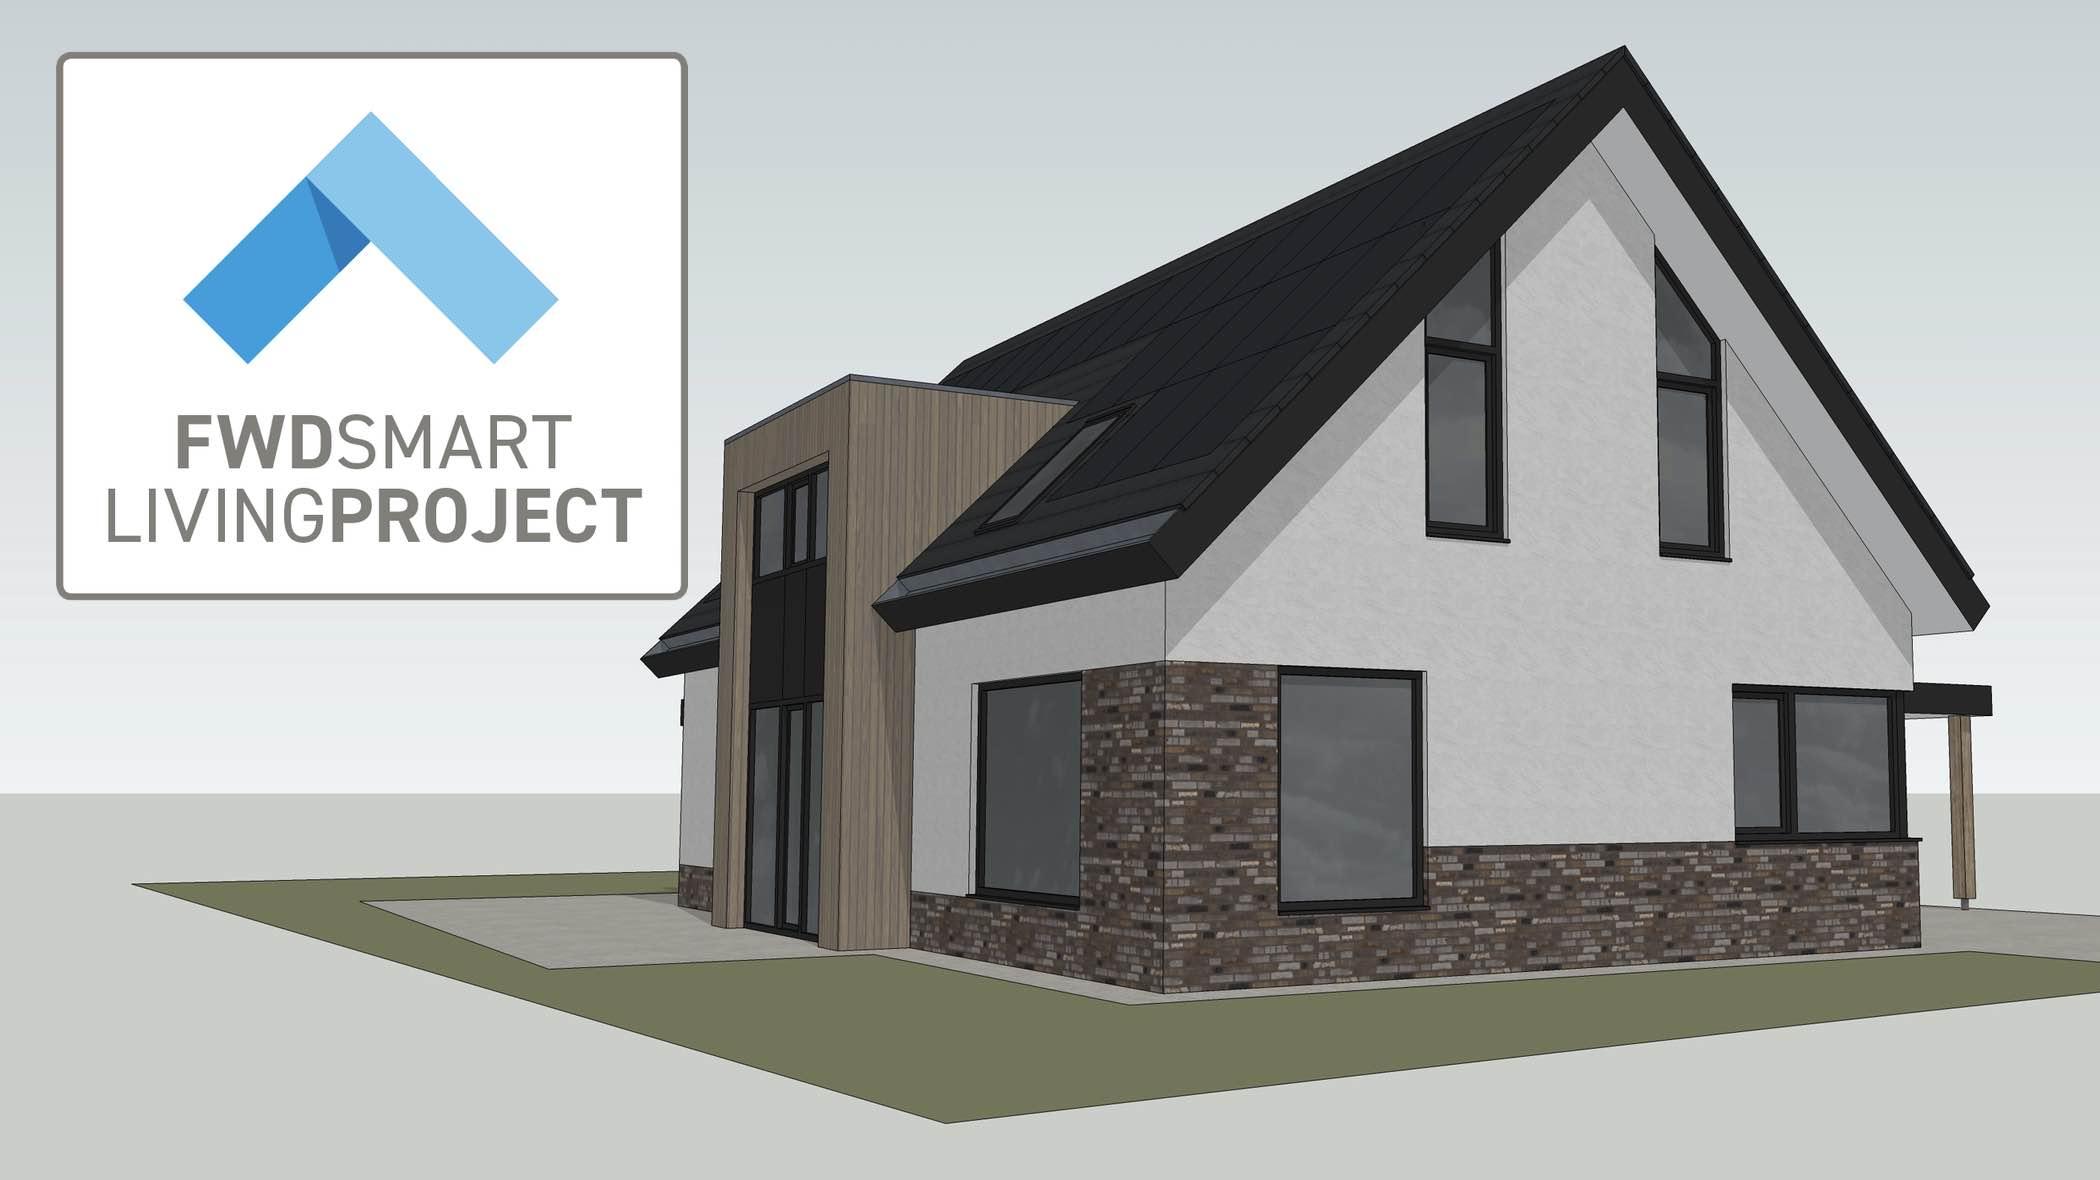 Smart Living Project update: We gaan eindelijk beginnen!